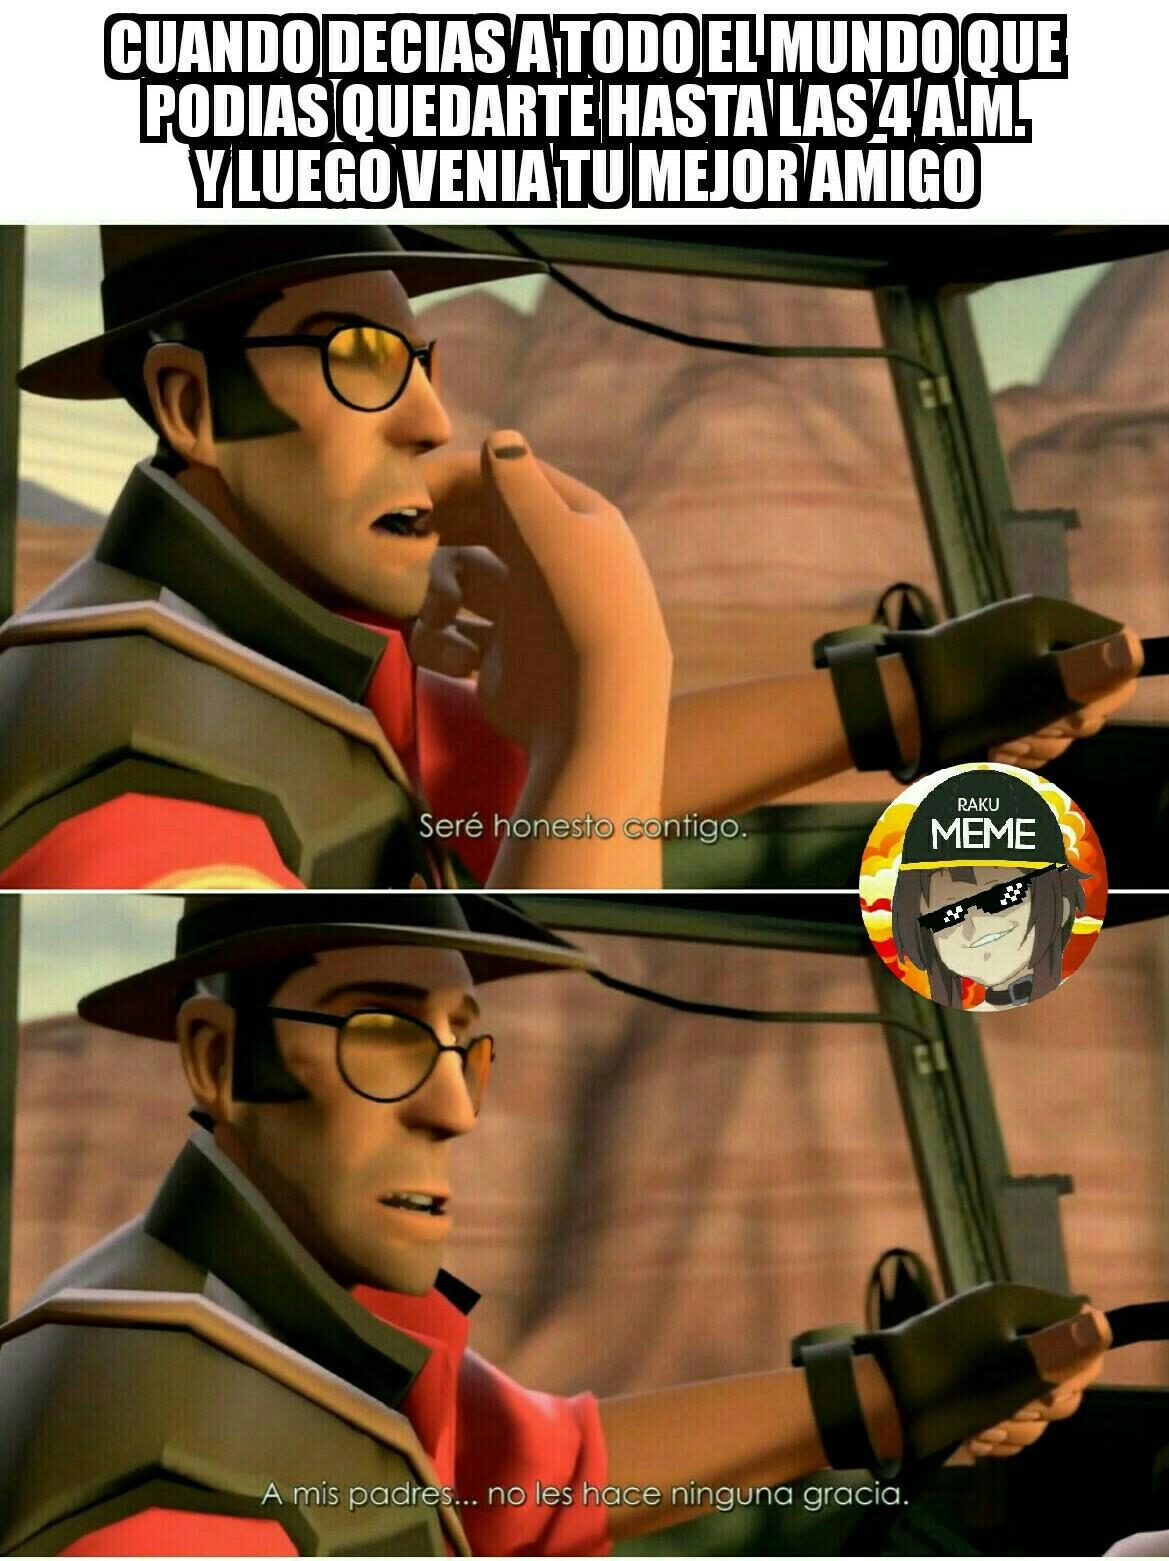 Sniper me mata con sus comentarios rhizukulentos - meme